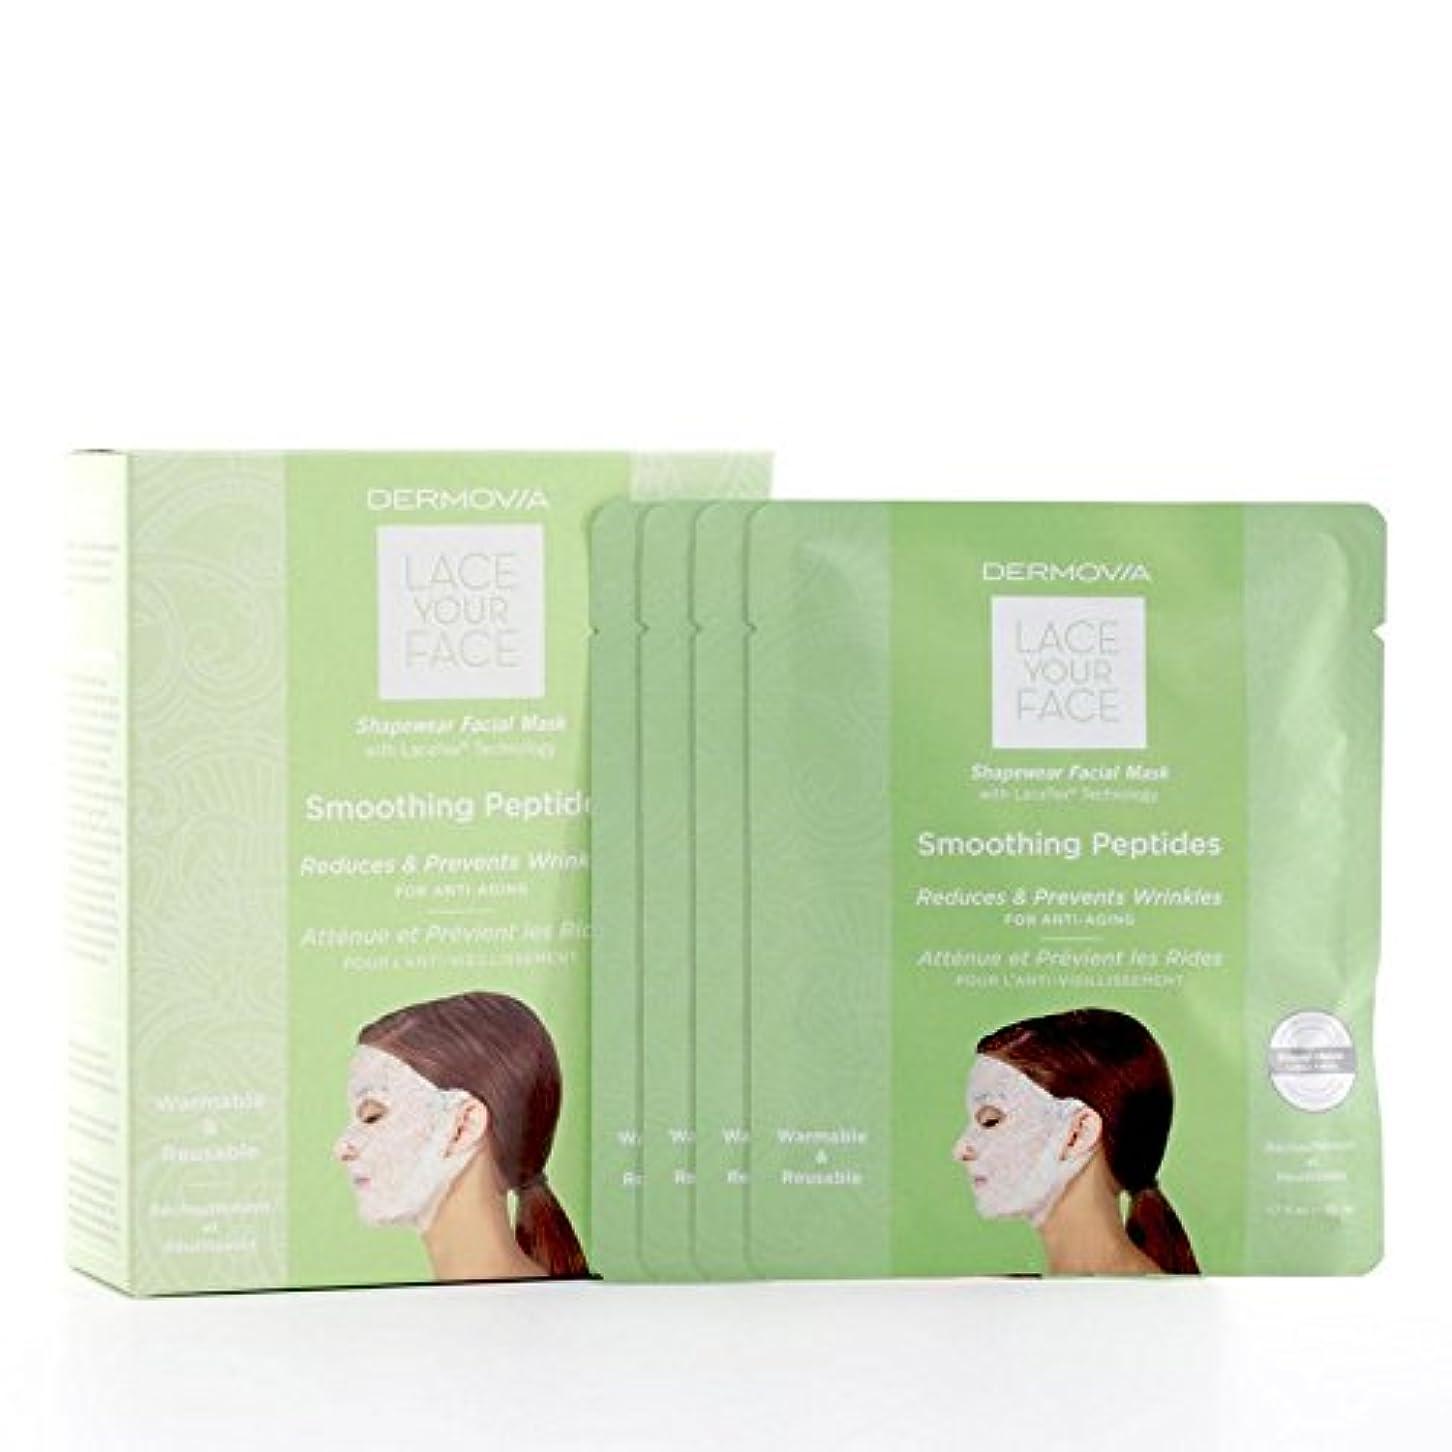 支払い比類なき量でDermovia Lace Your Face Compression Facial Mask Smoothing Peptides - は、あなたの顔の圧縮フェイシャルマスク平滑化ペプチドをひもで締めます [並行輸入品]